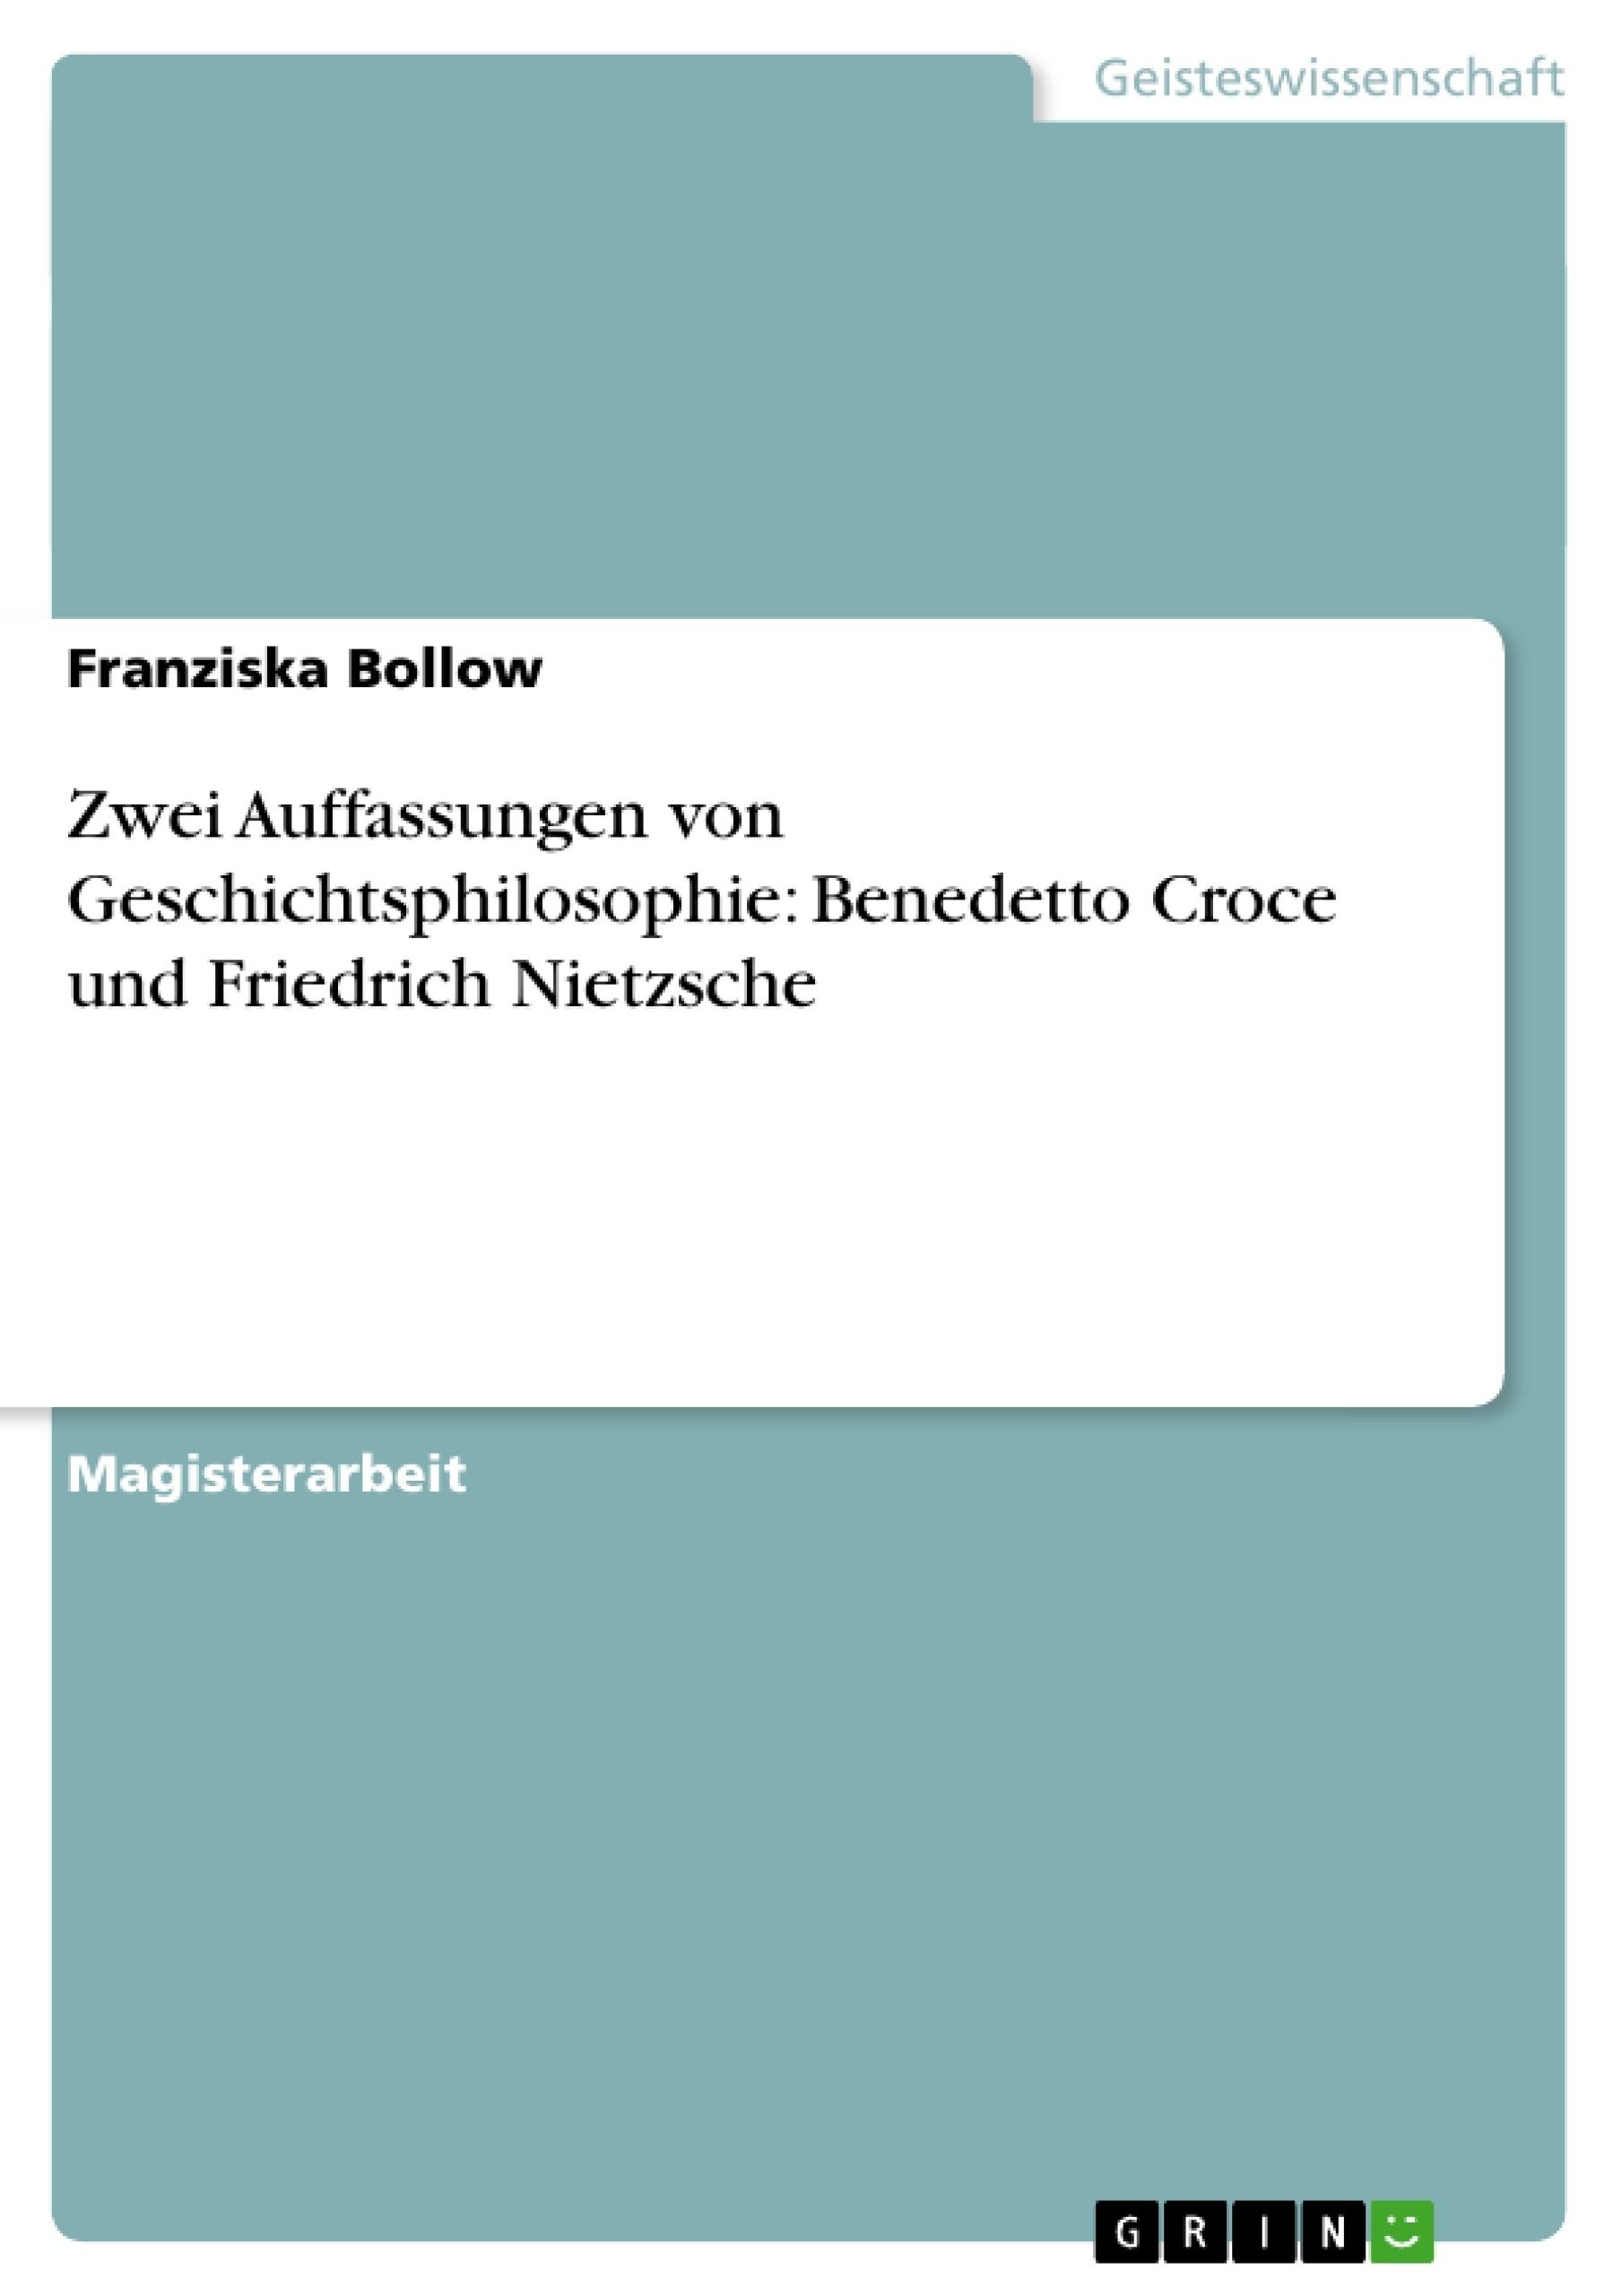 Titel: Zwei Auffassungen von Geschichtsphilosophie: Benedetto Croce und Friedrich Nietzsche